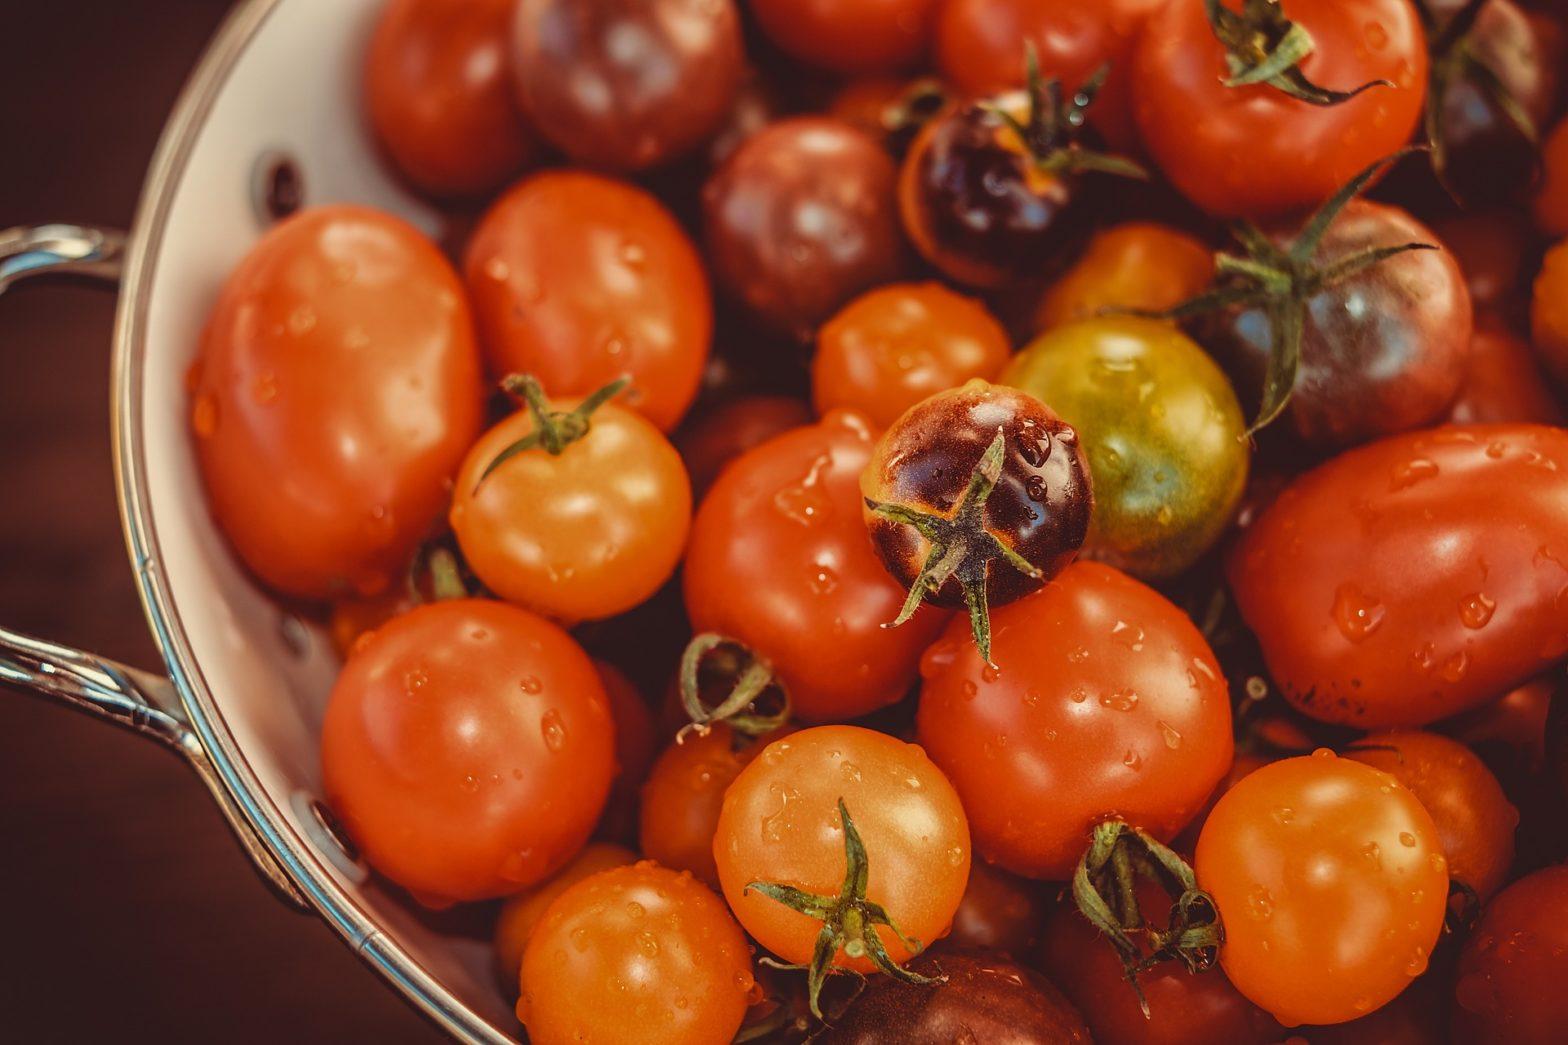 cara menanam tomat di botol